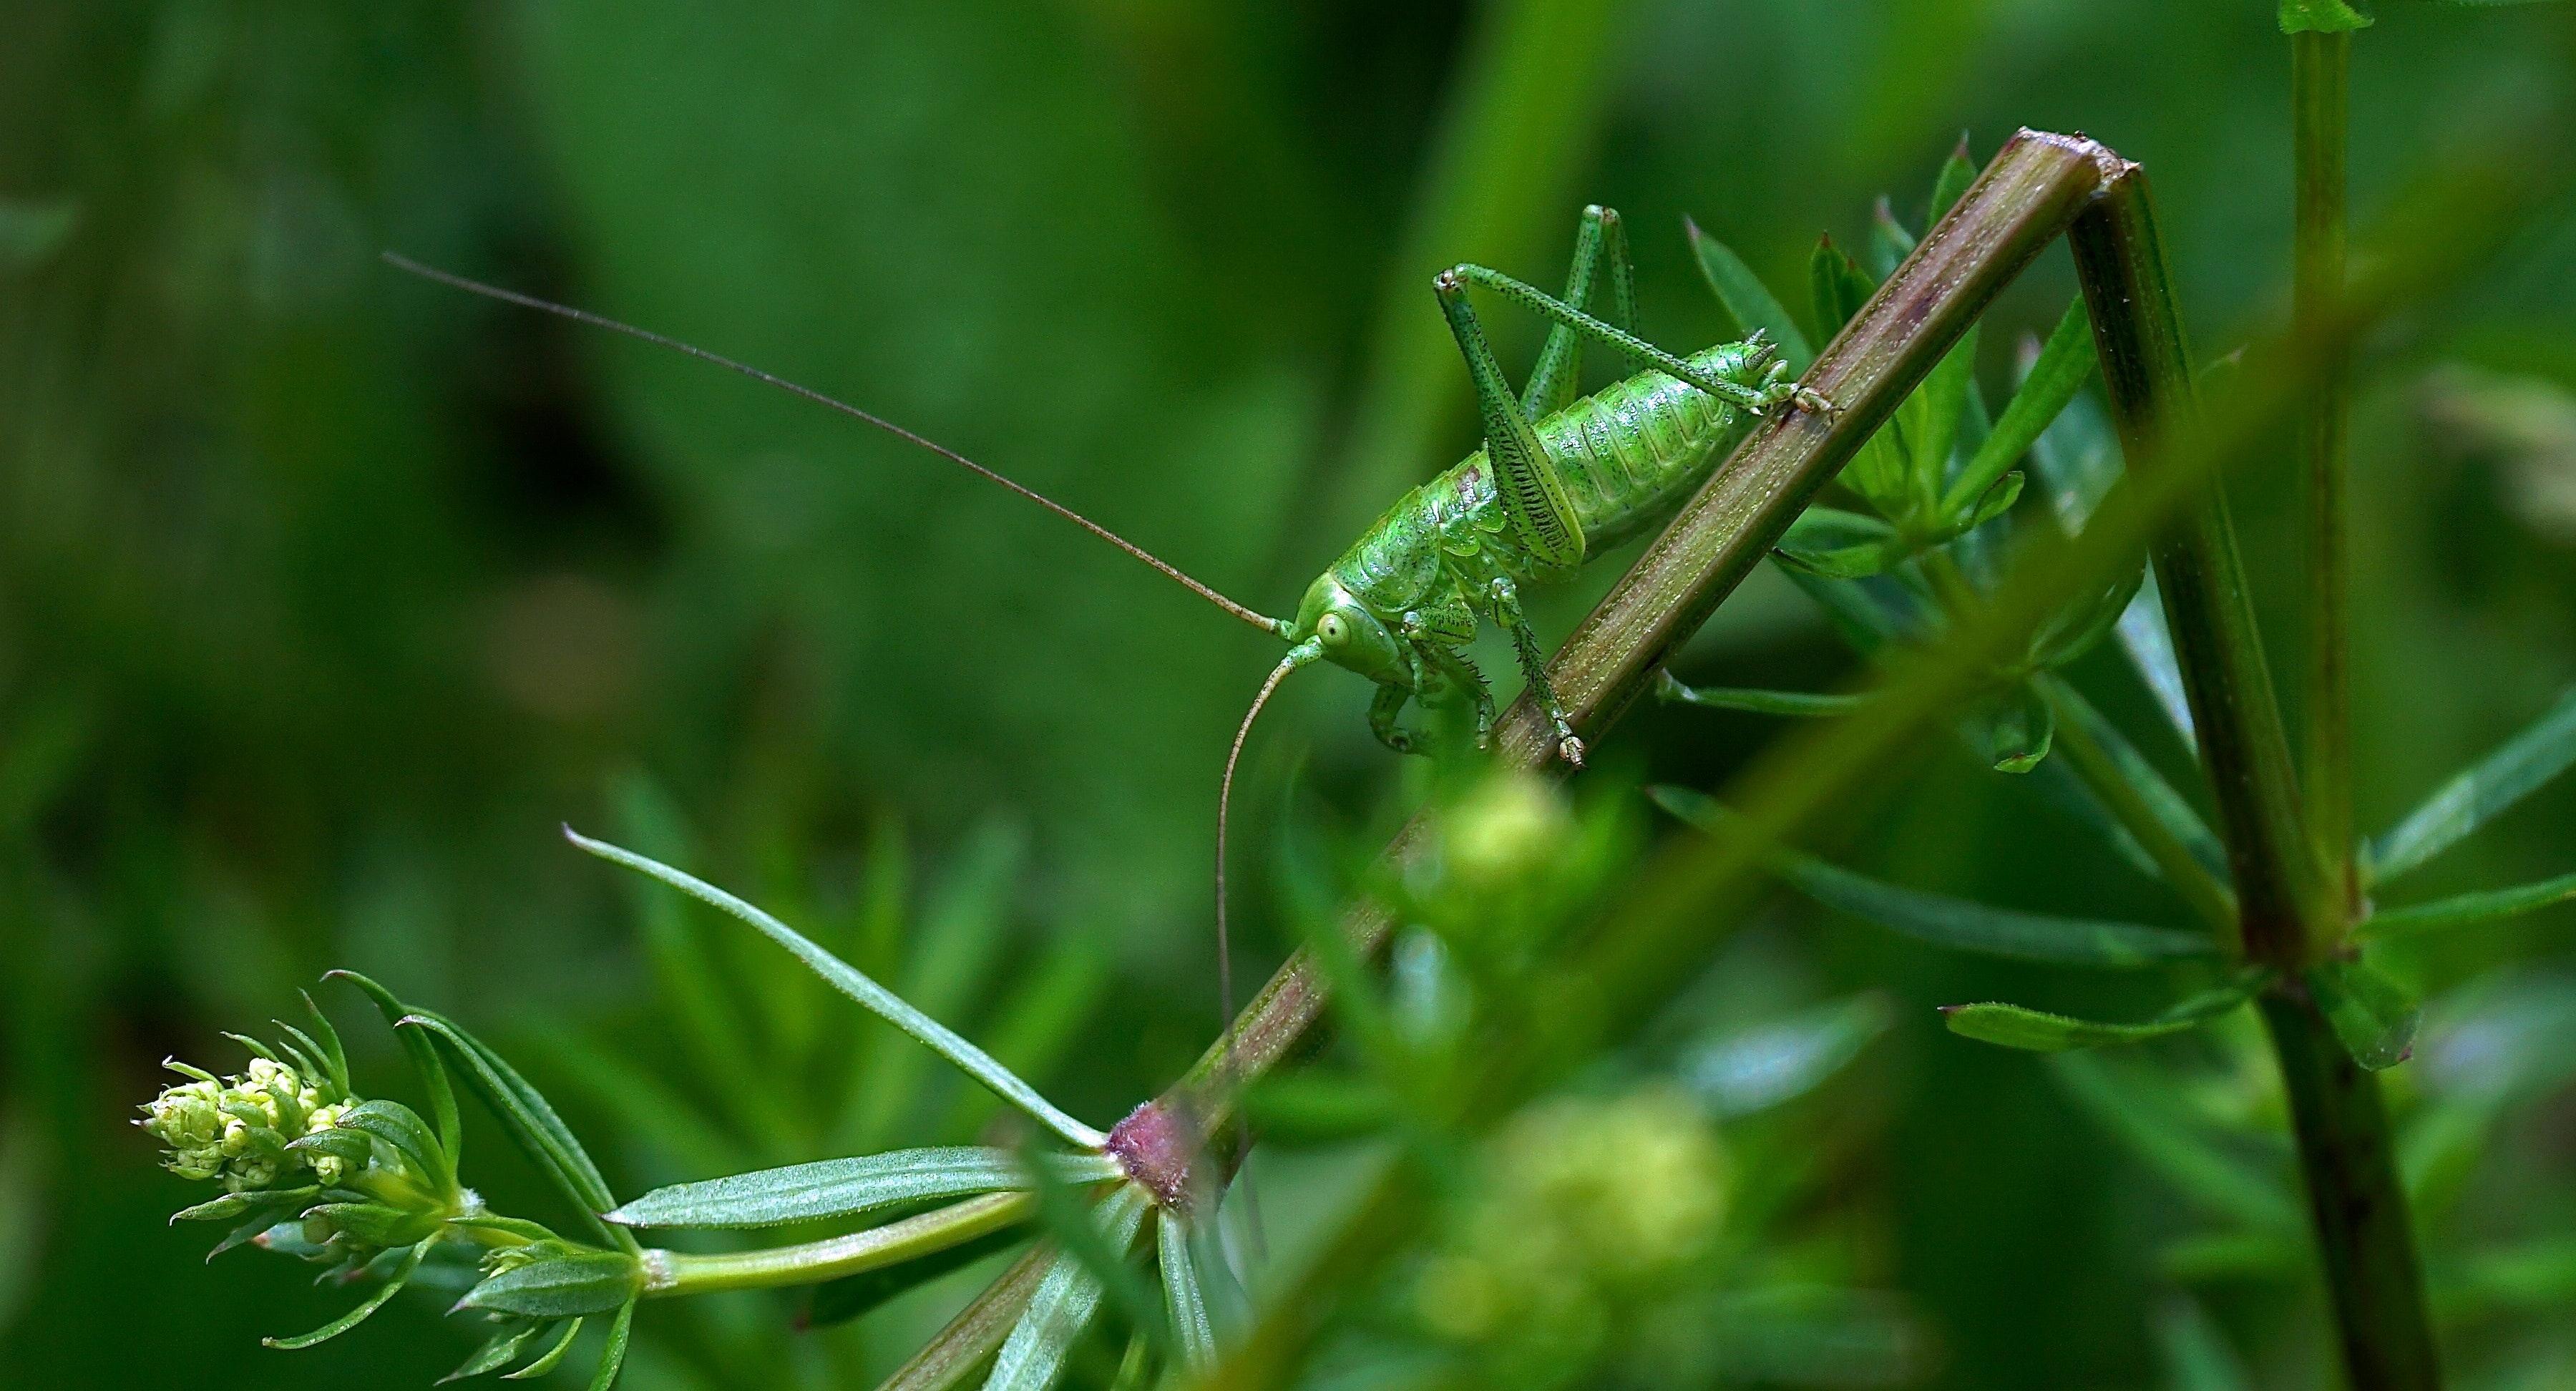 vida sostenibilidad sostenible ecosistema naturaleza planeta